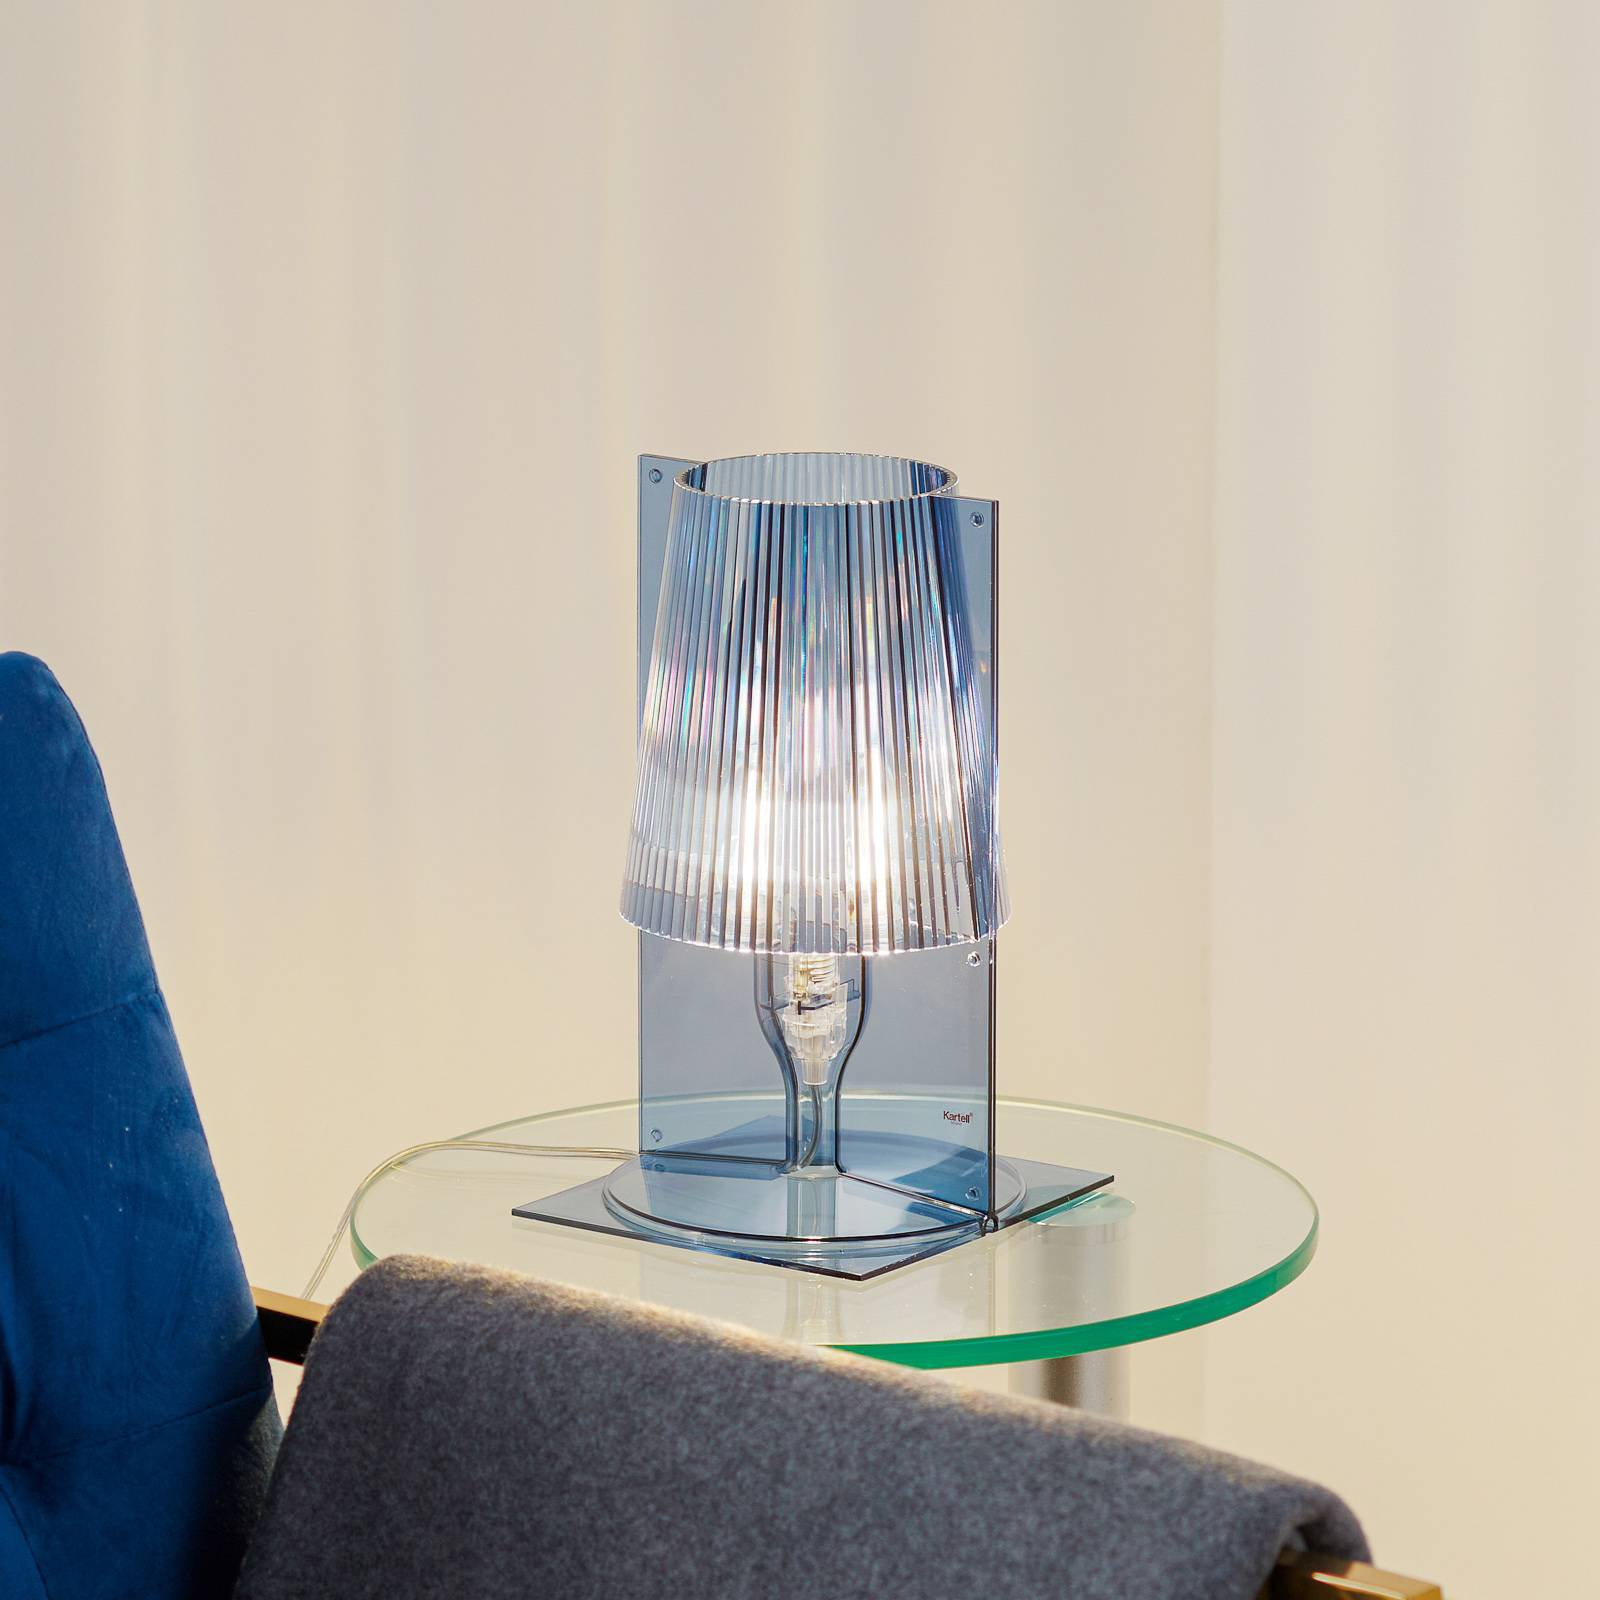 Kartell Take bordlampe, lyseblå